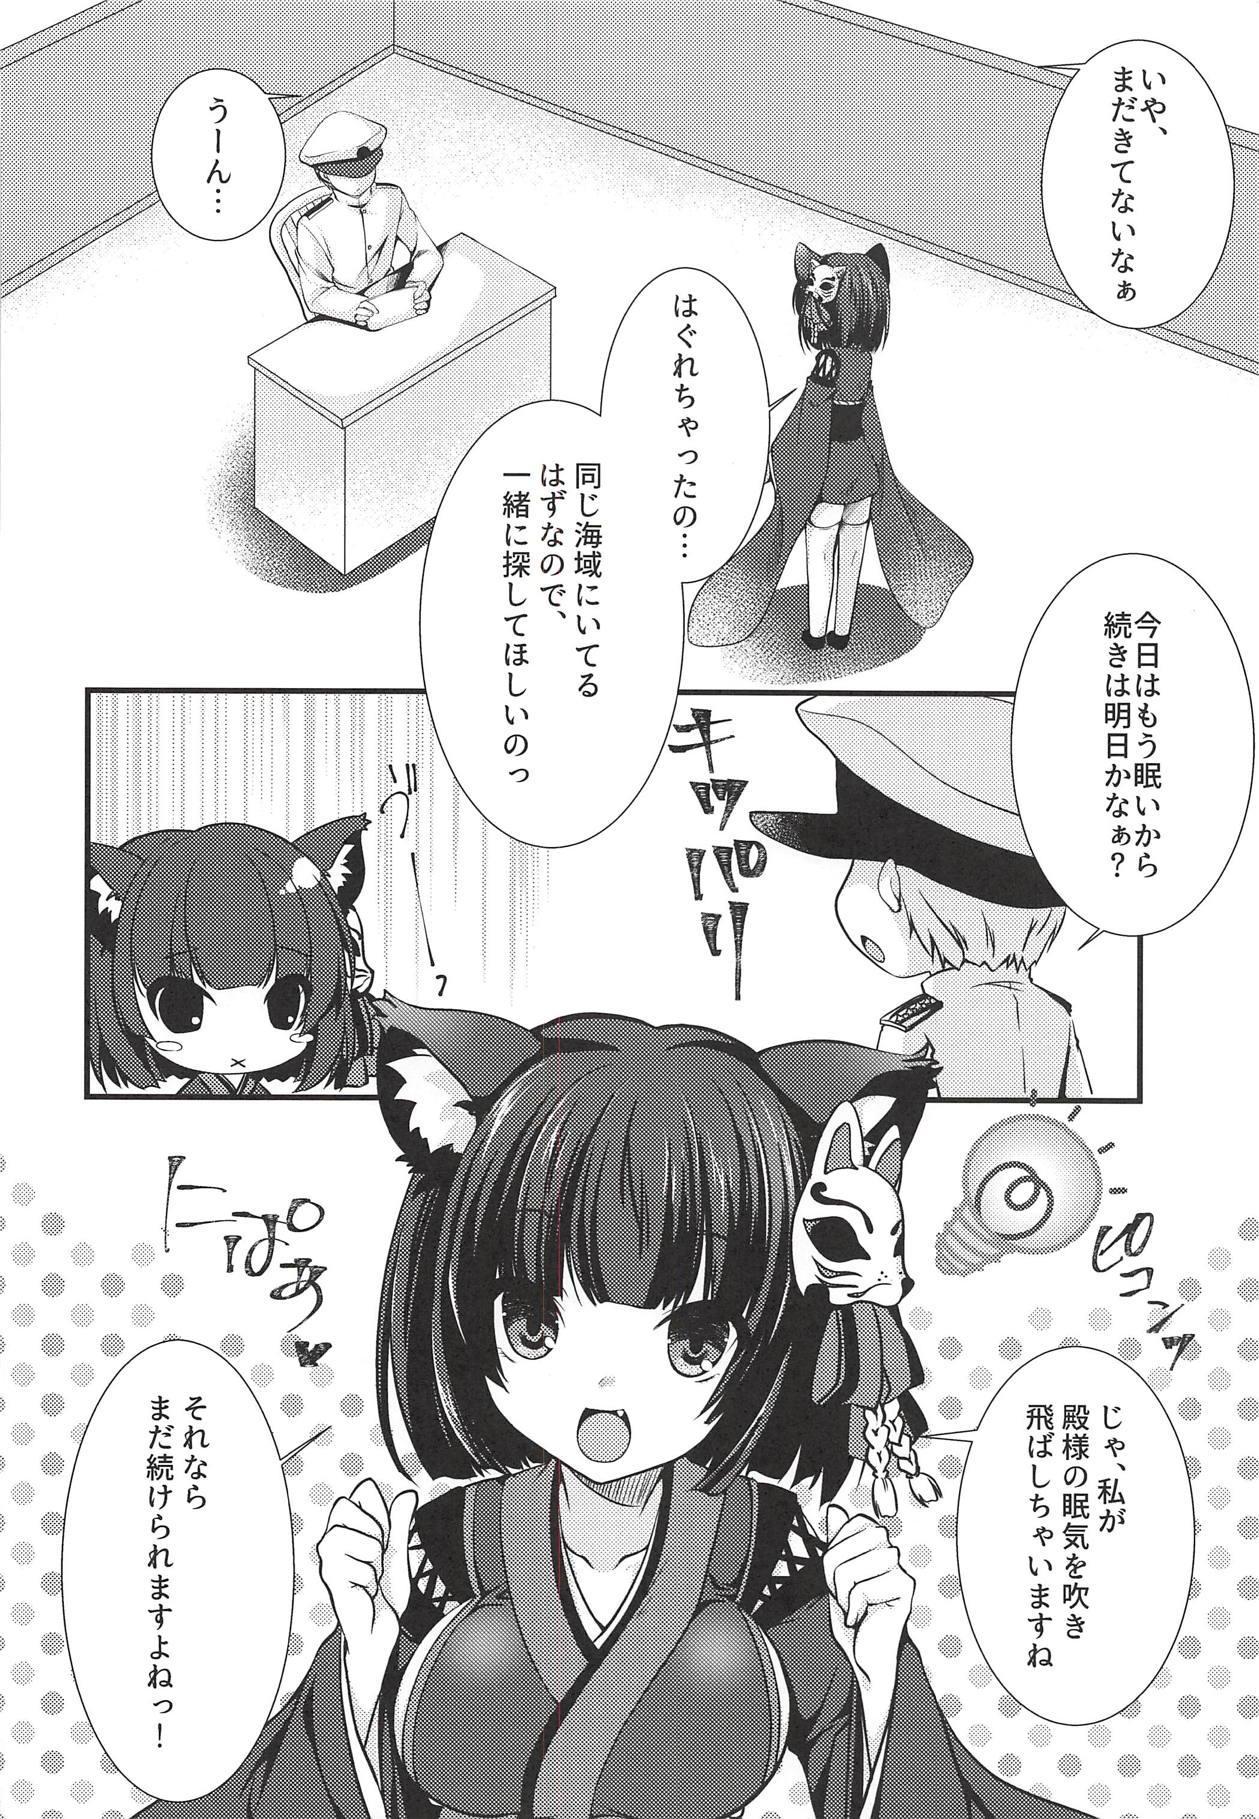 Radar ga Kowarechaimashita 5